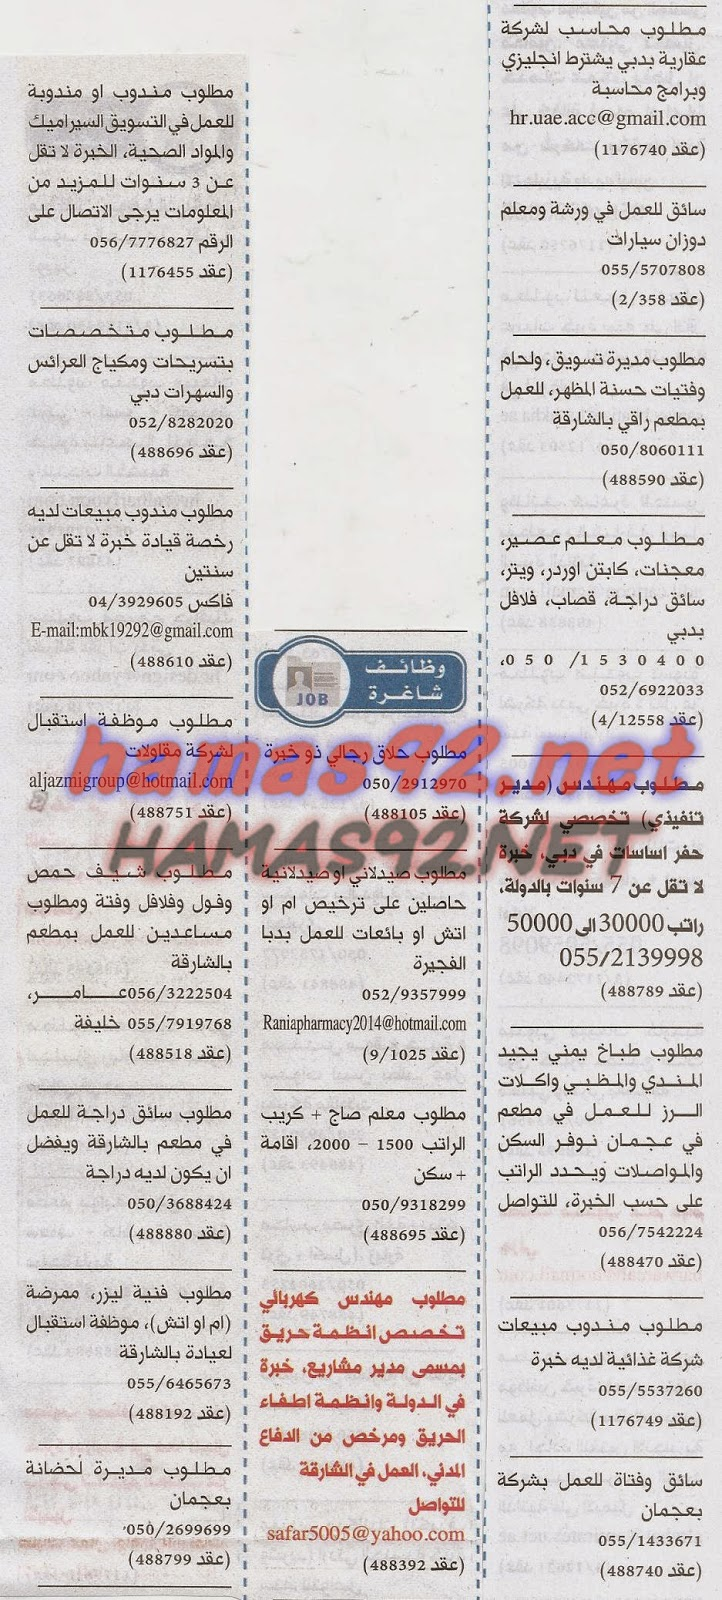 وظايف جريدة الخليج الاماراتيه ليوم الخميس 11 ديسمبر 2014